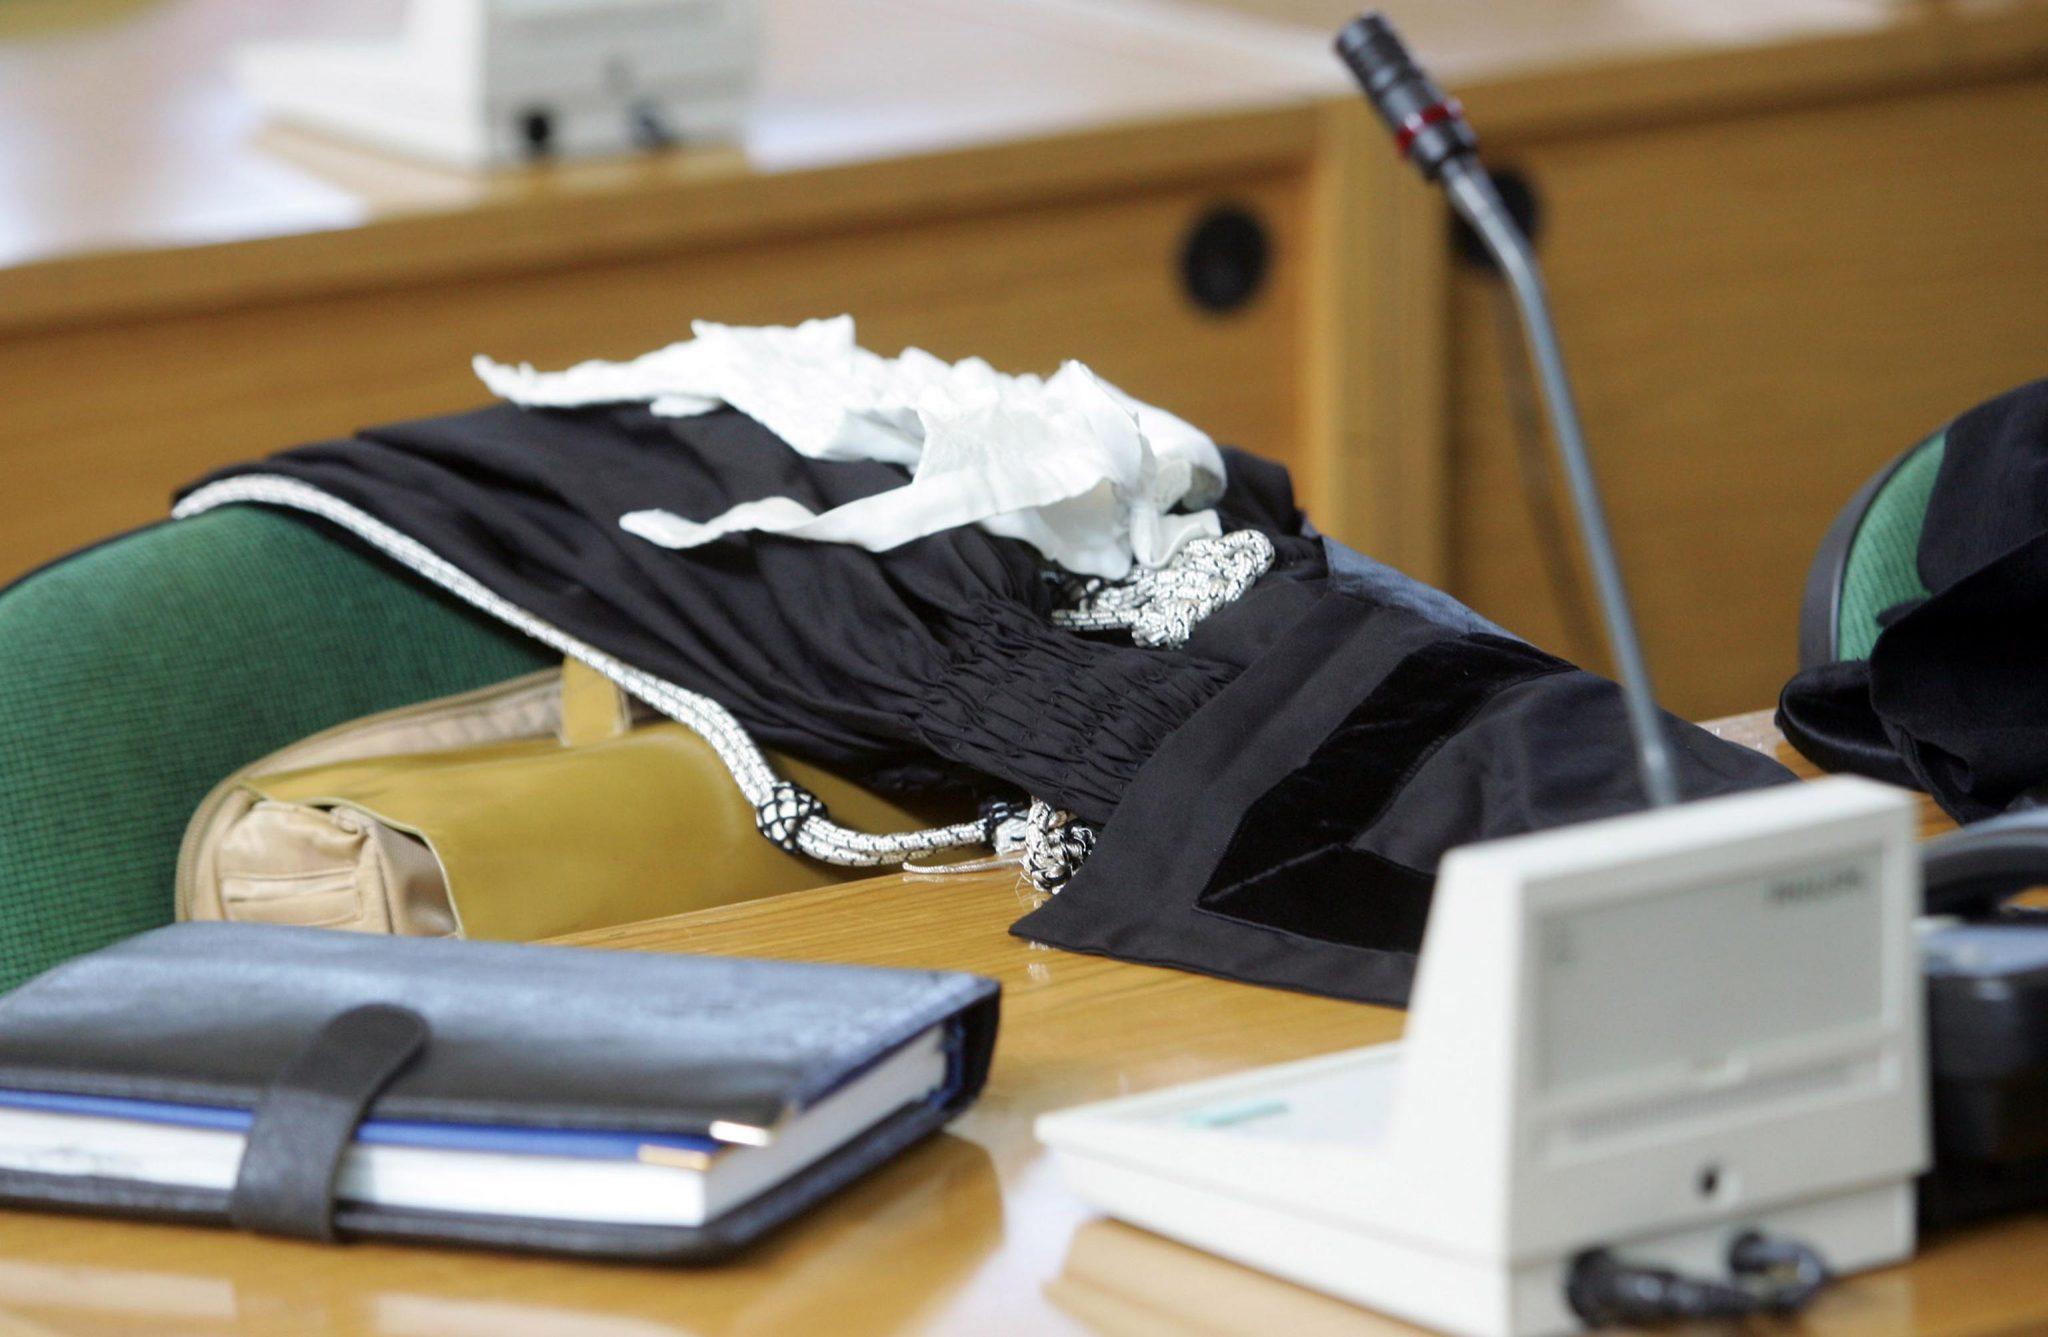 Avvocato sospeso ed istanza di sospensione cautelare per - Compravendita immobiliare avvocato 2015 ...